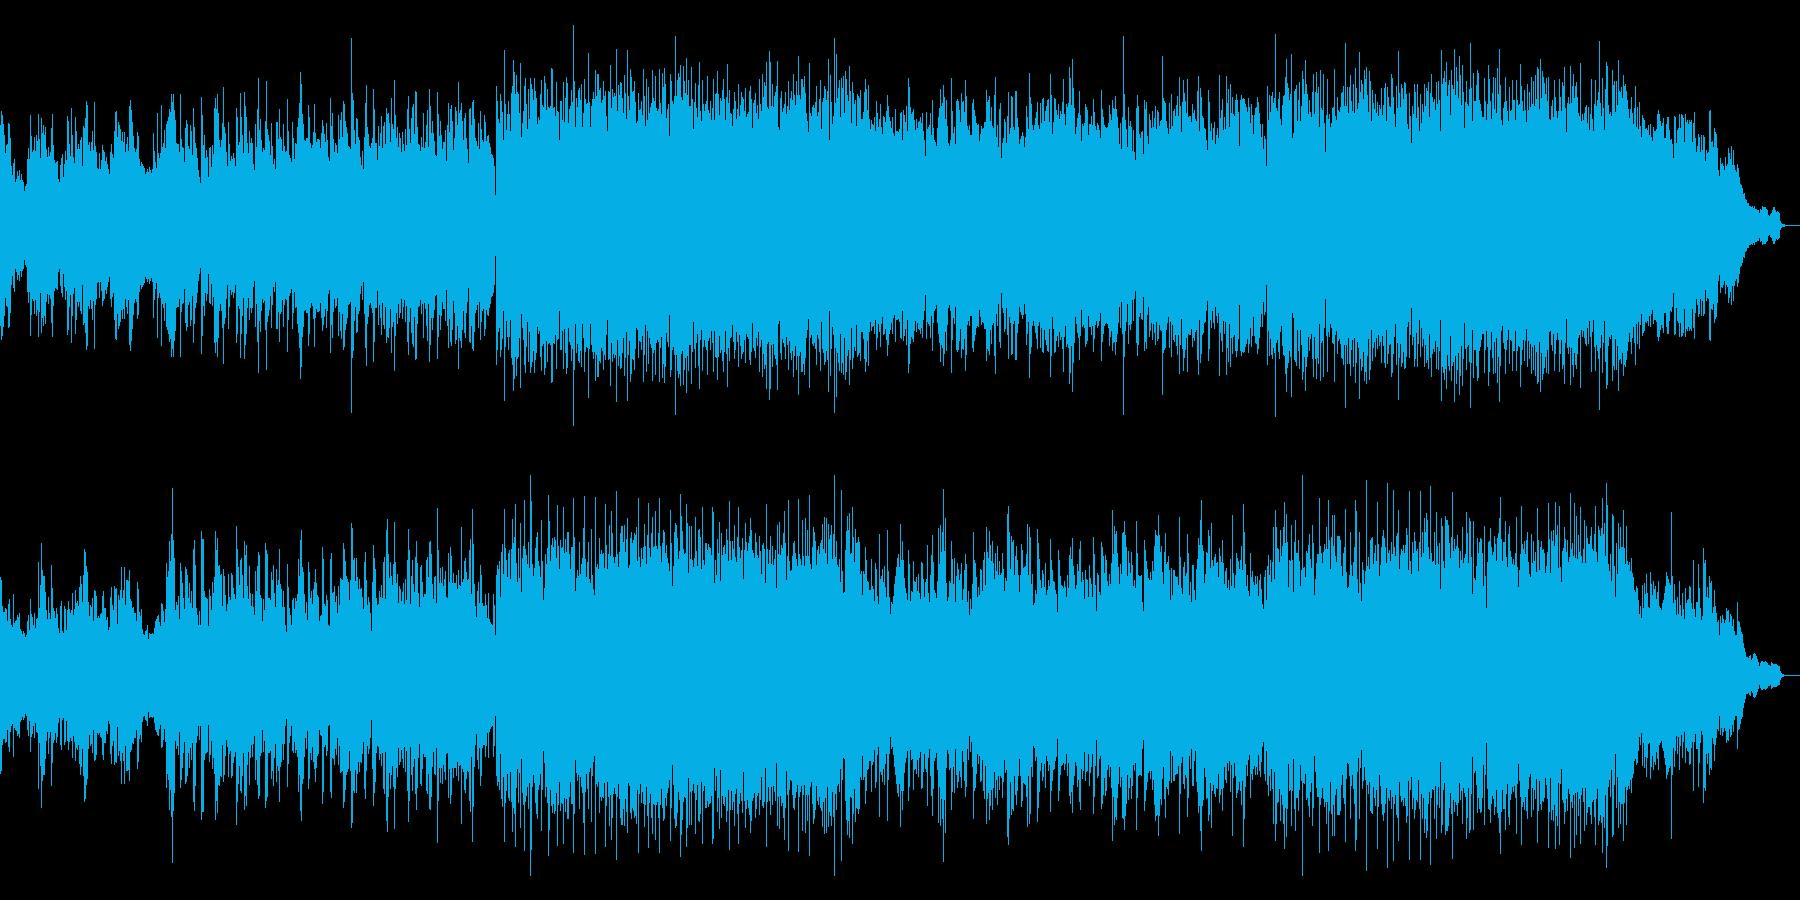 【生演奏】壮大で感動的なアコギバラードの再生済みの波形